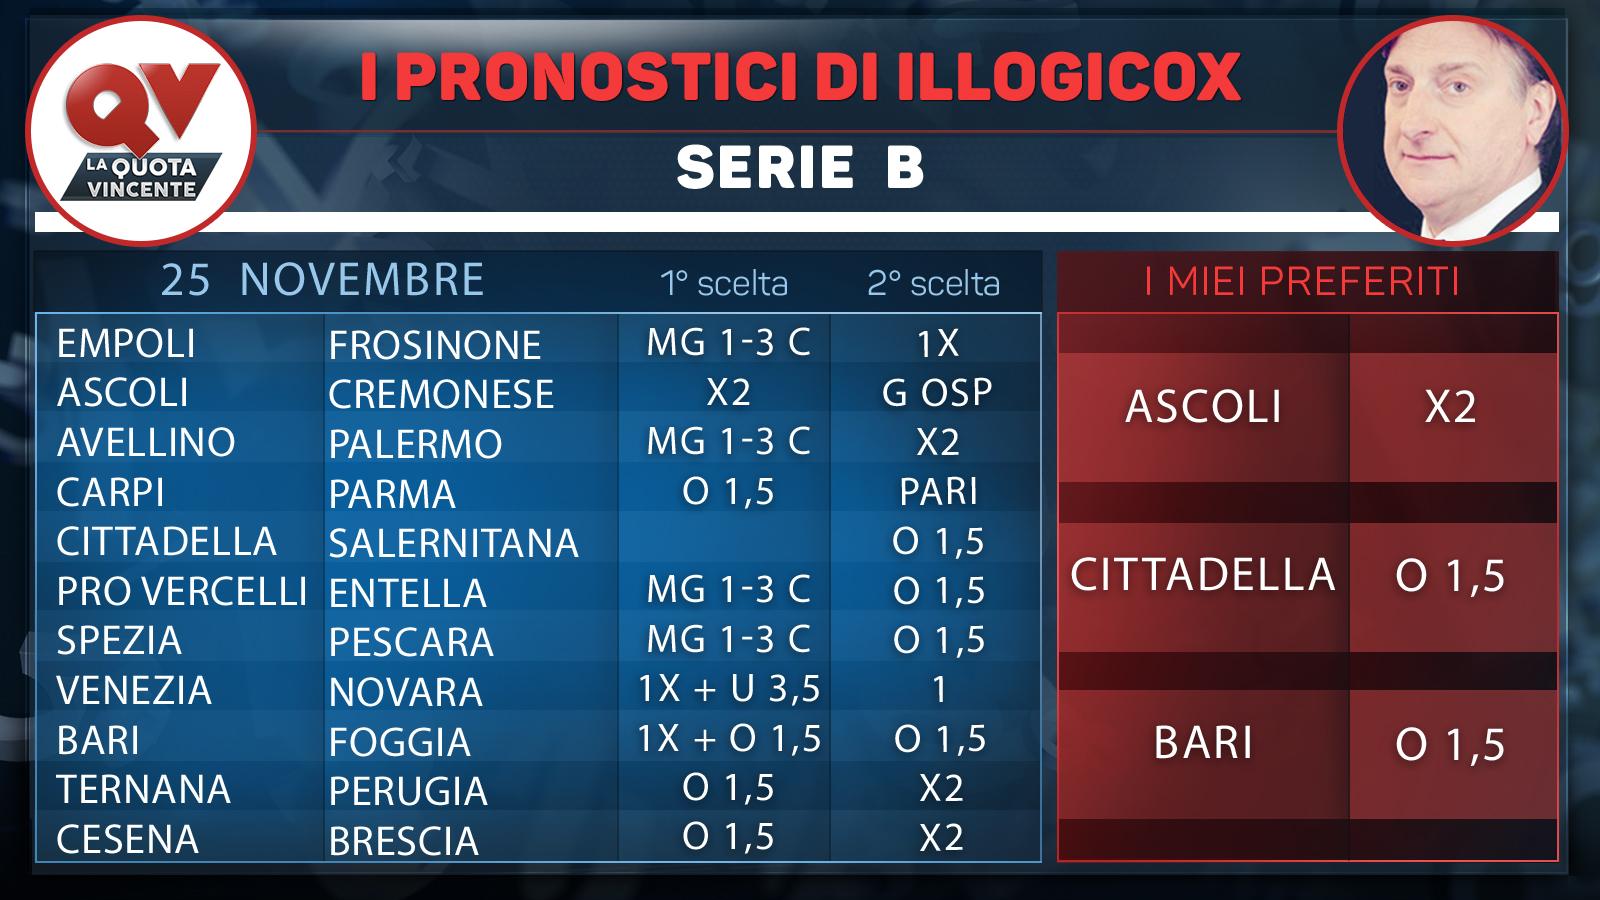 I pronostici di Illogicox 25 26 novembre: tutte le tabelle di Serie A Serie B Premier League LaLiga Ligue 1 Bundesliga!